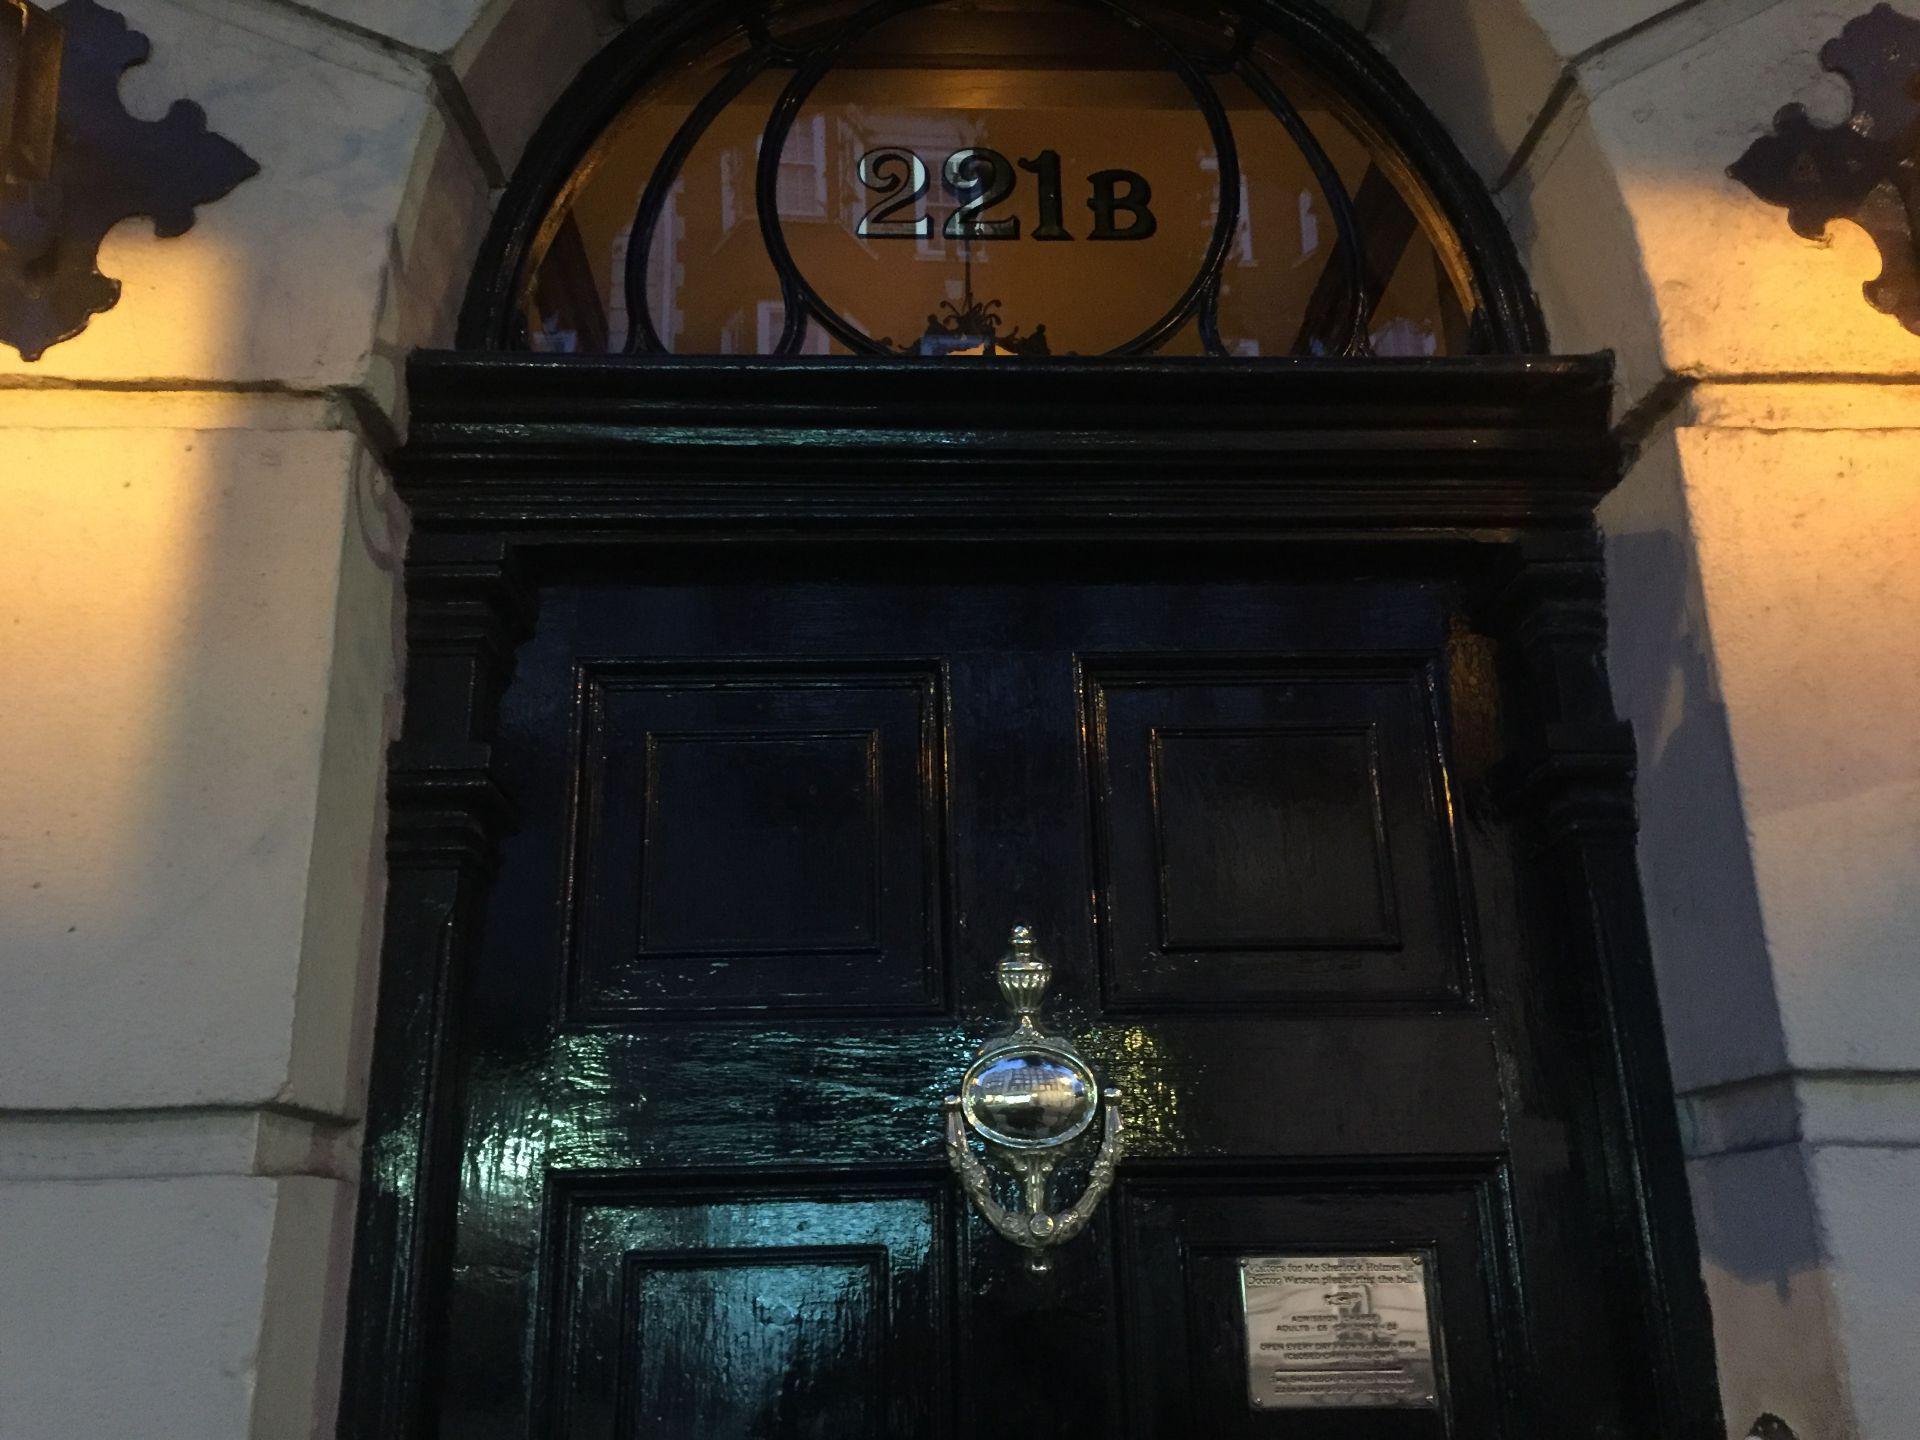 伦敦福尔摩斯博物馆_伦敦贝克街攻略,伦敦贝克街门票/游玩攻略/地址/图片/门票价格 ...